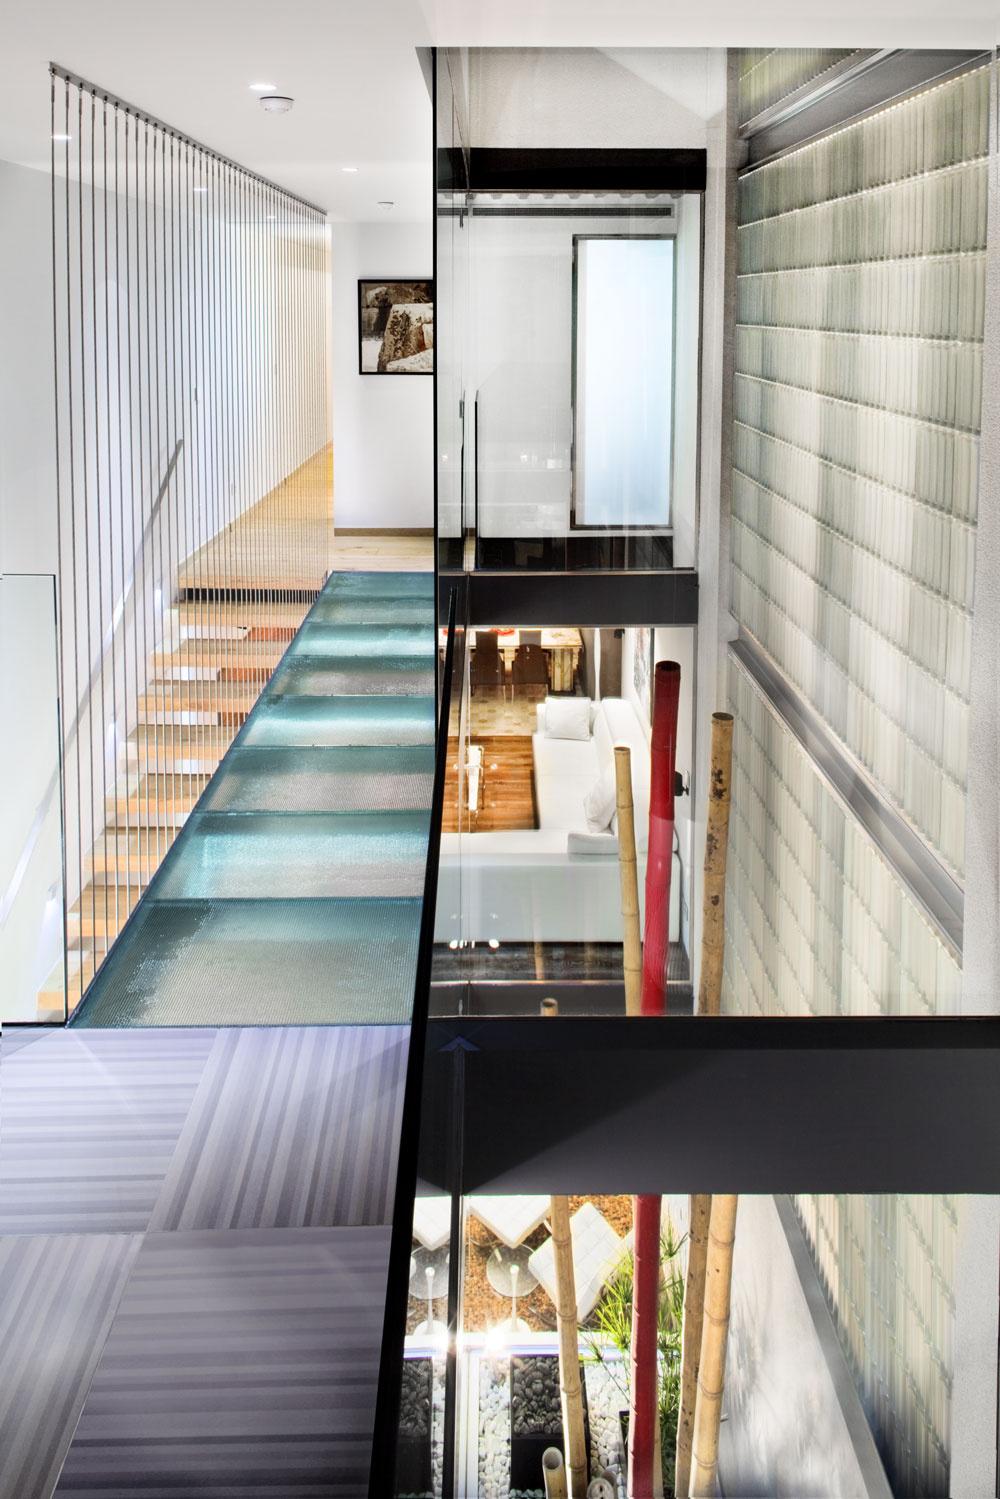 """""""Premostenie"""" zvrúbkovaného skla medzi priestorom pre malé deti arodičovským apartmánom, ktorý sa sem obracia oknom do sprchy. Vzhľadom na ráz domu vyhovovalo architektovi spájať rovnaké prvky vertikálnym smerom, nie horizontálnym – plocha svetlého dreva podlahy rodičovského apartmánu sa spája snášľapnými doskami schodiska adetailmi zariadenia kuchyne talianskeho výrobcu."""